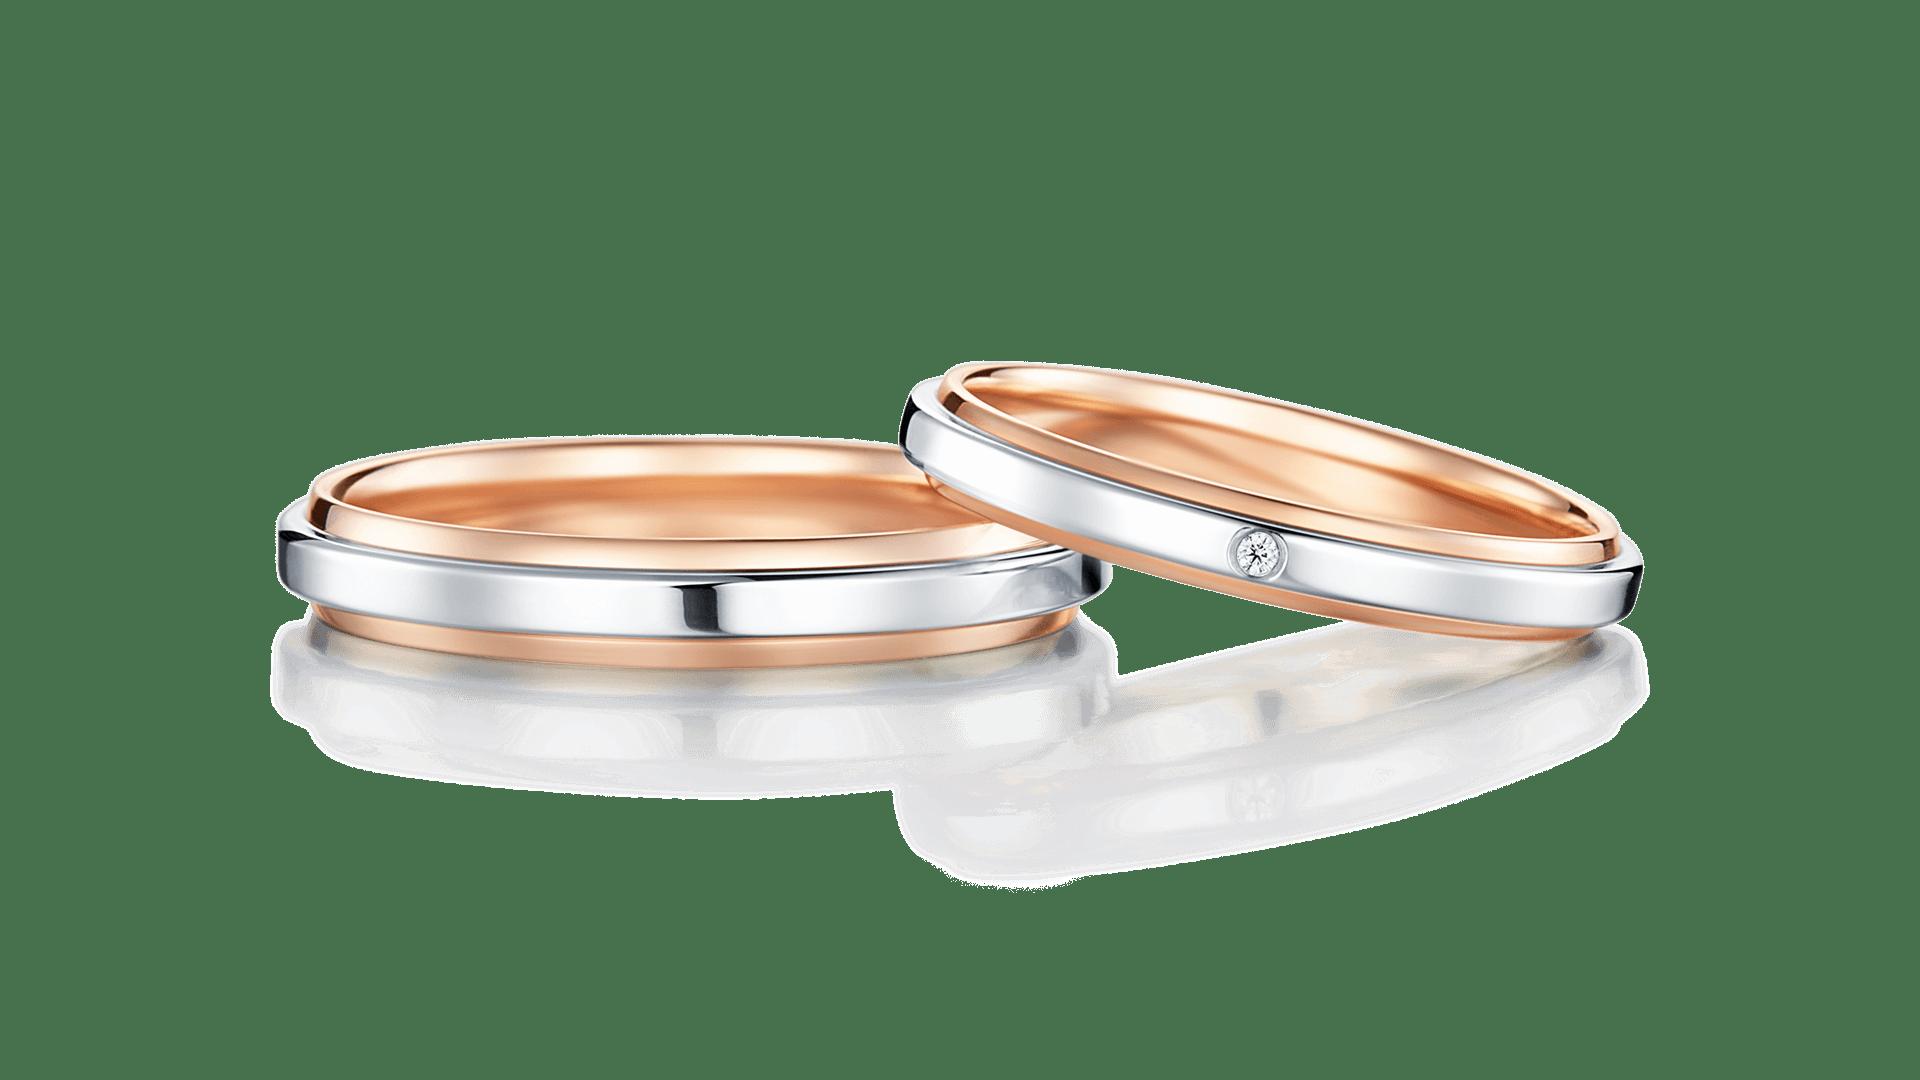 harmonia combination ハルモニア コンビネーション | 結婚指輪サムネイル 1